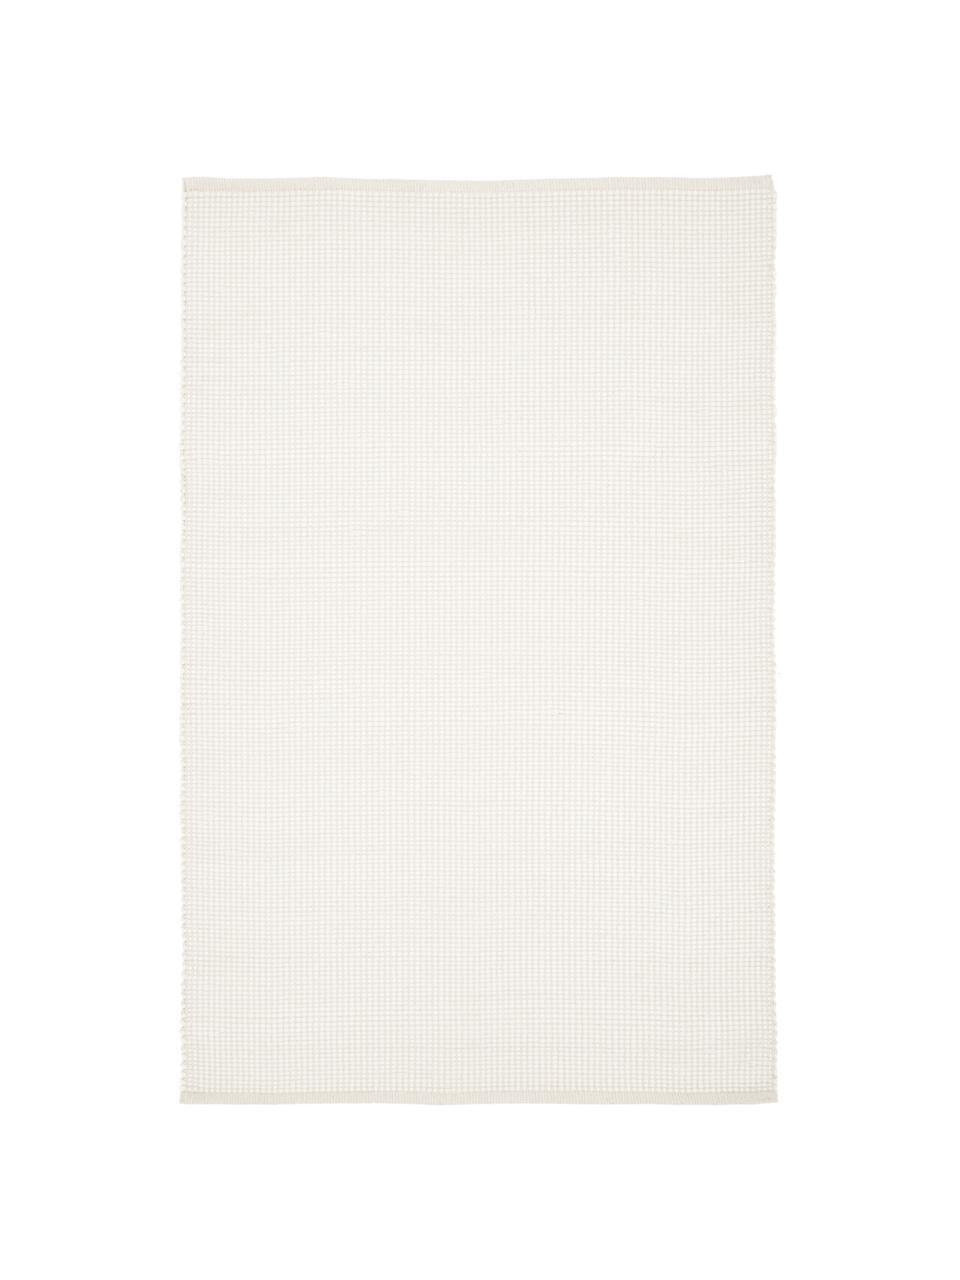 Tappeto in lana color crema tessuto a mano Amaro, Retro: 100% cotone Nel caso dei , Bianco crema, Larg. 200 x Lung. 300 cm (taglia L)